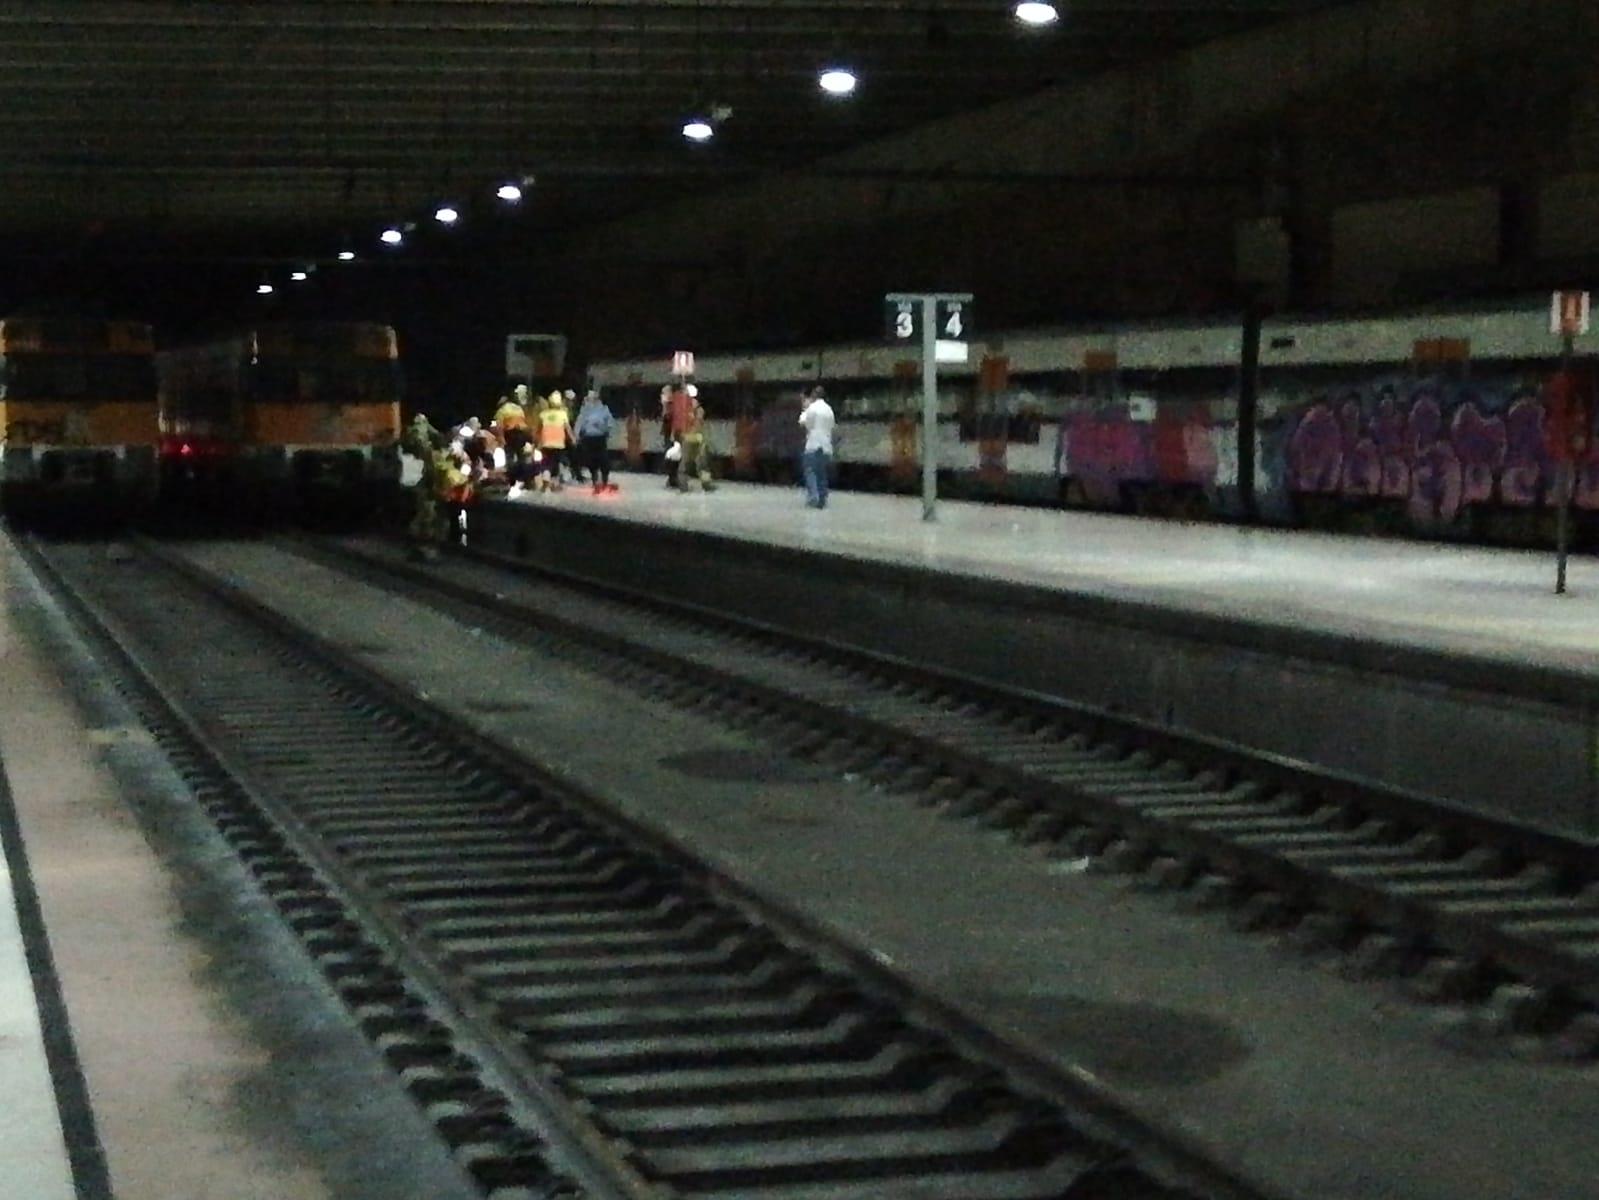 Atropellament a l'estació de Renfe de Terrassa/Marcel Marsal